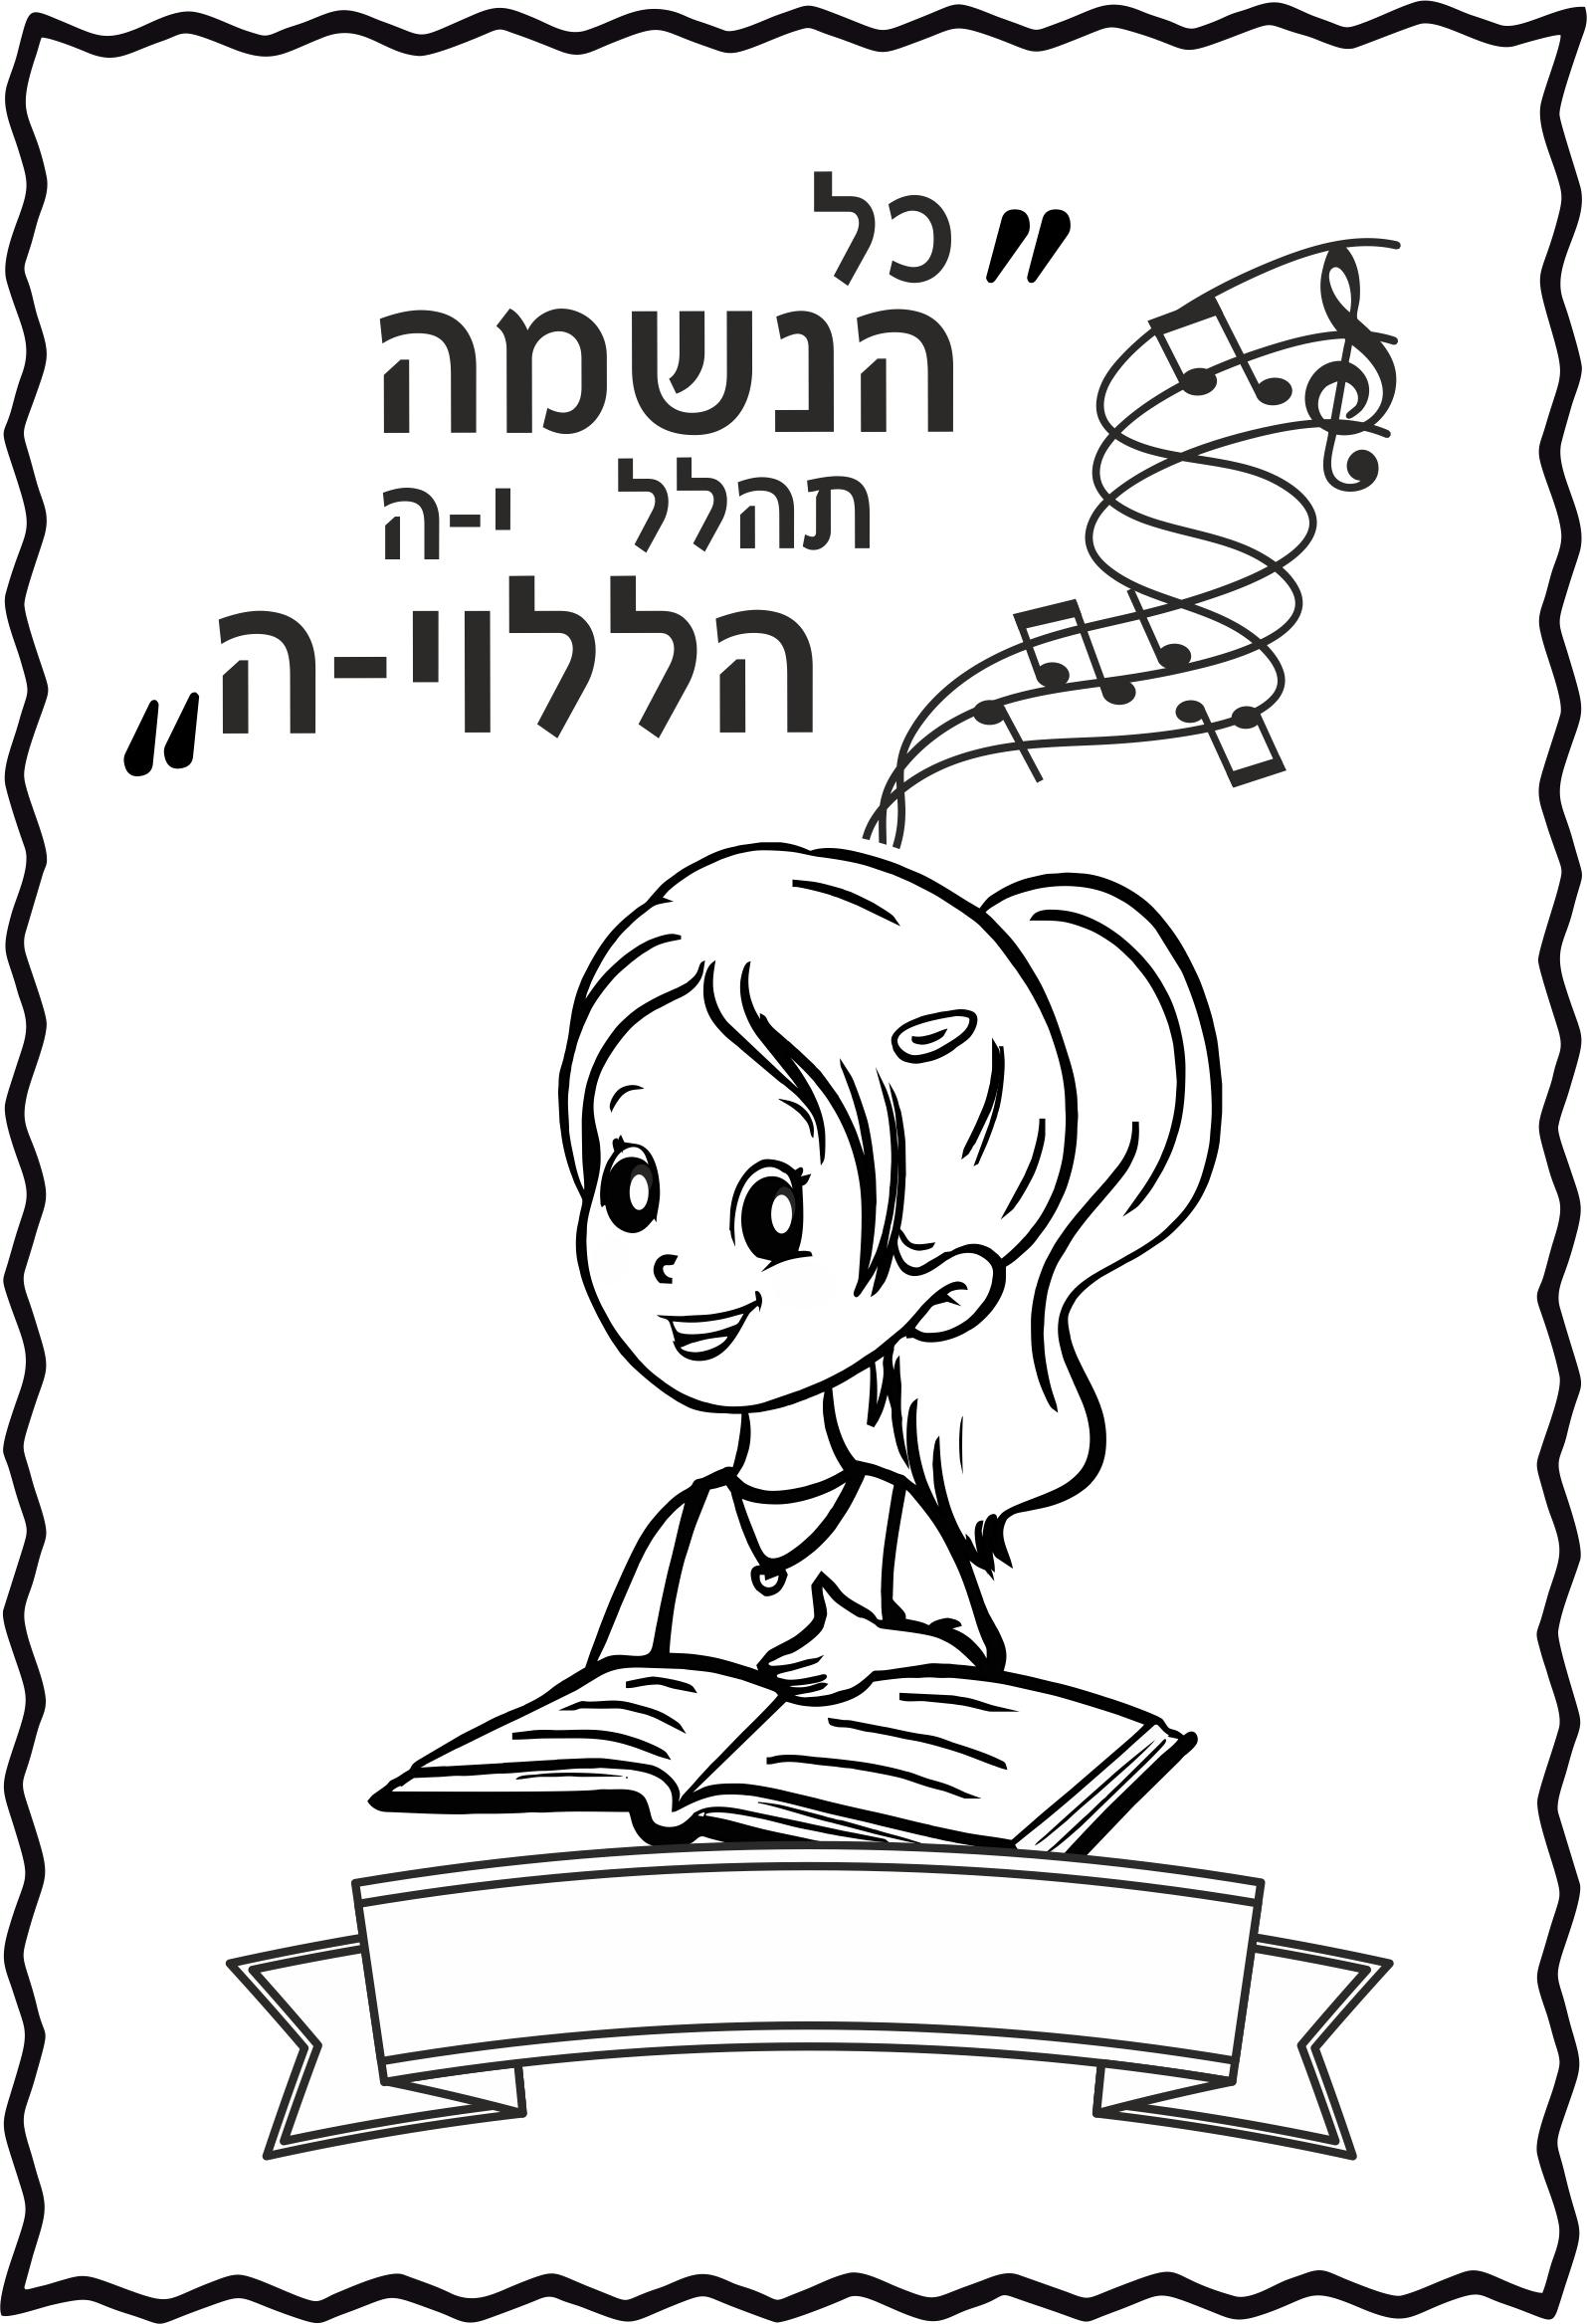 עטיפות לסידור ילדה נושאת תפילה- כל הנשמה תהלל יה